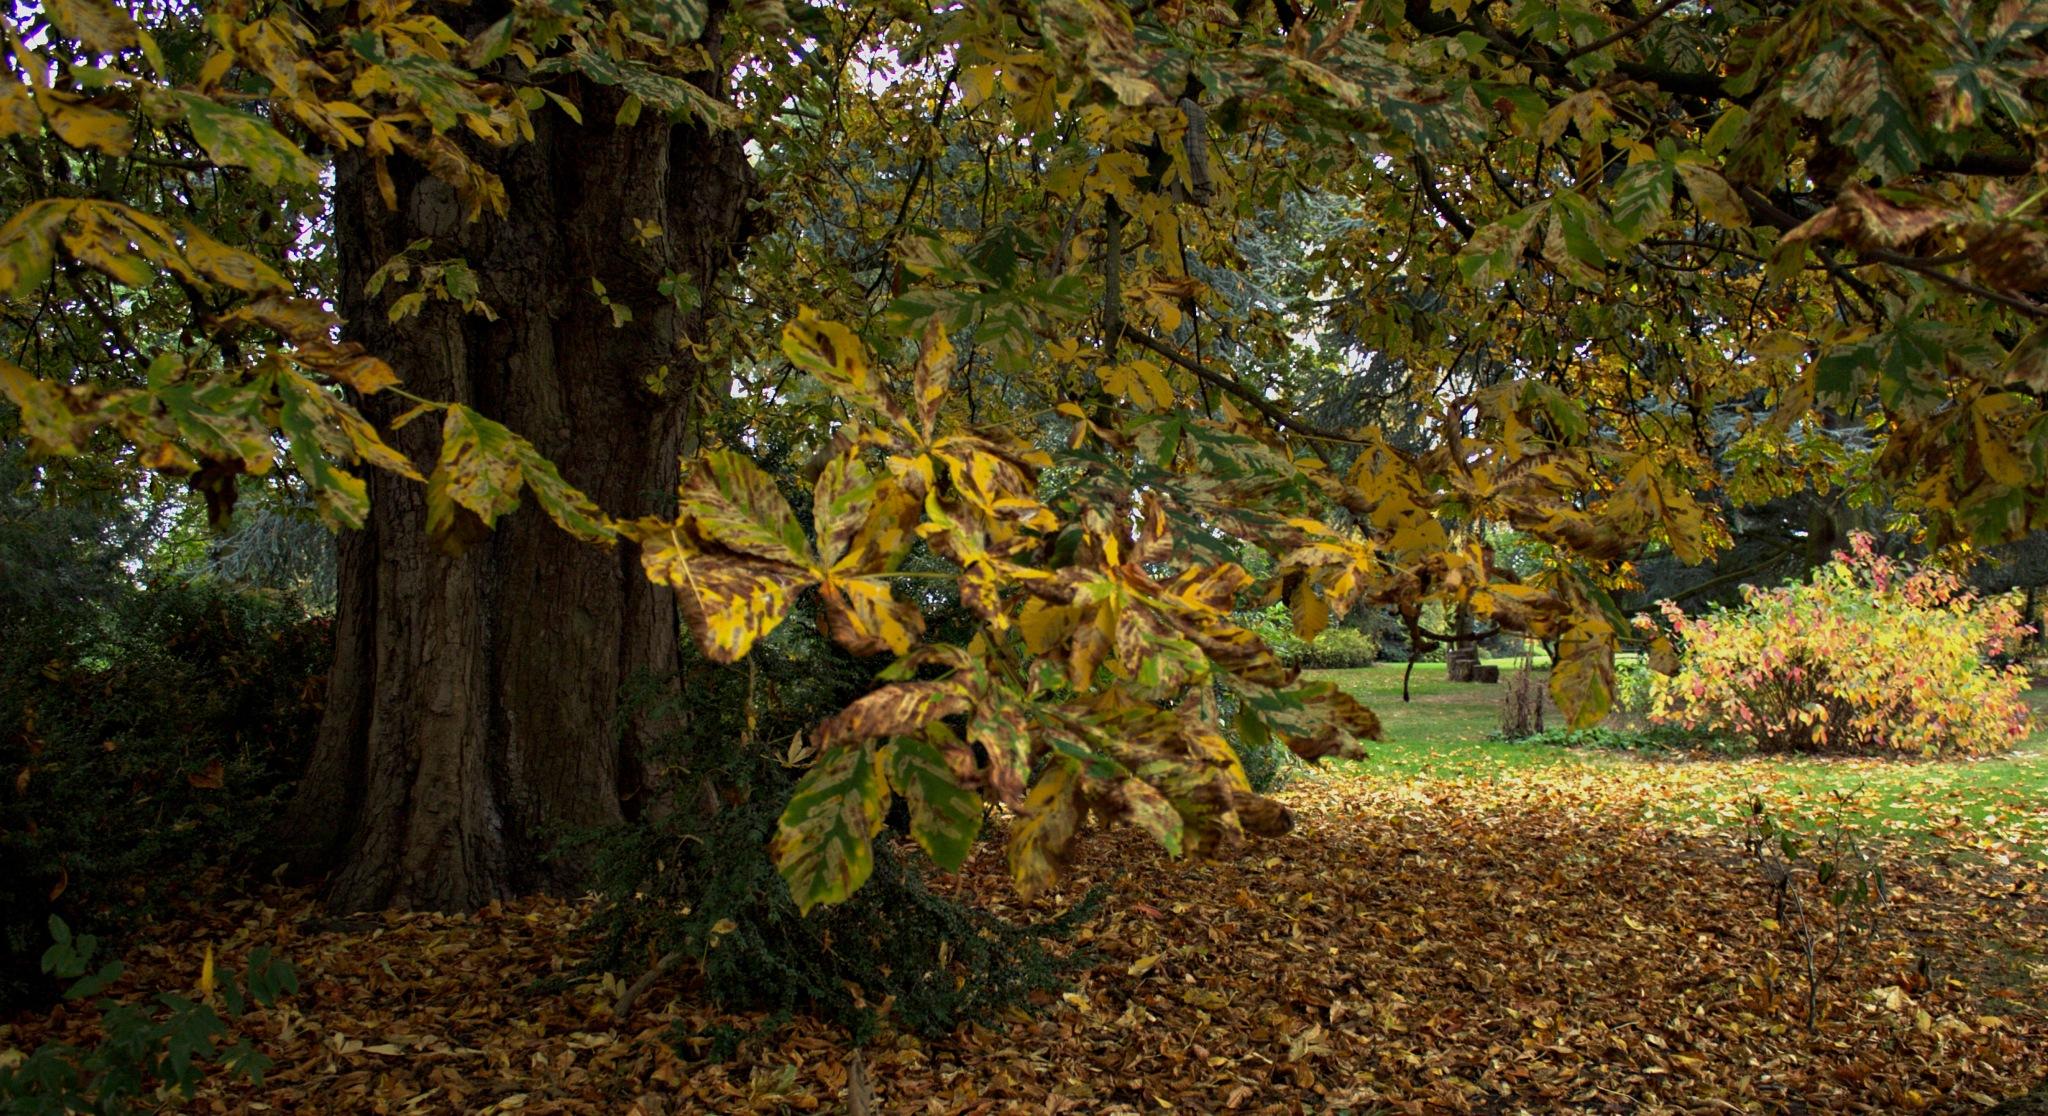 Autumn Park by Rich66